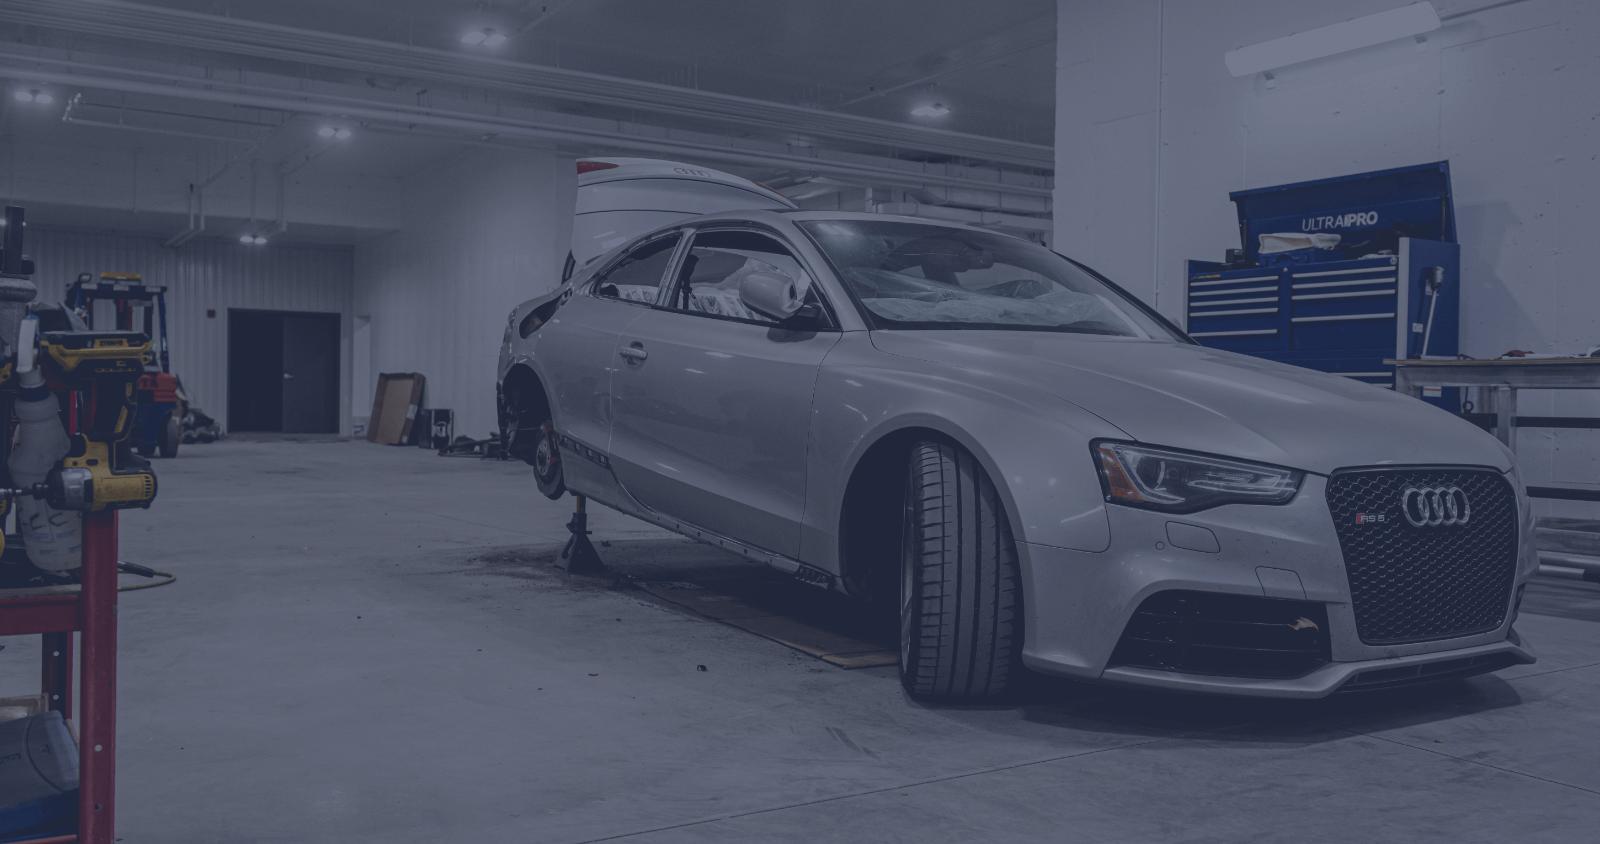 L'Expert Carrossier - Voiture audi argent dans le garage pour réparation